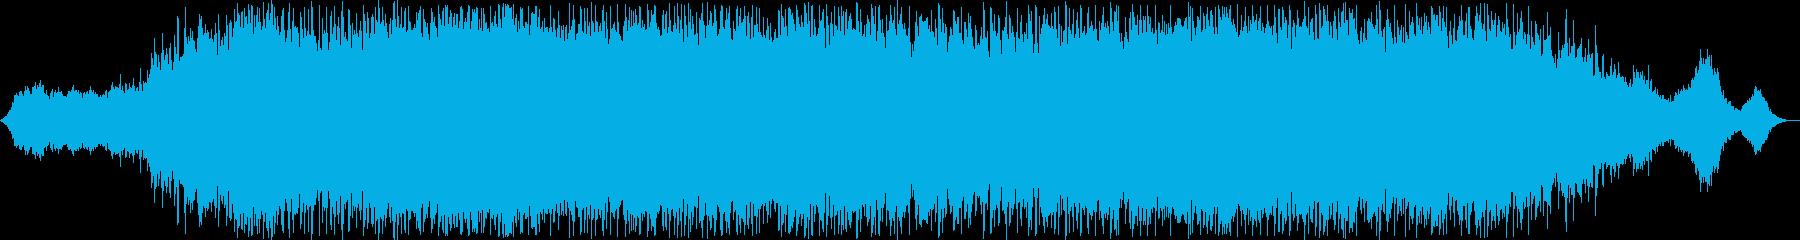 切ないギター街の音サウンドの再生済みの波形